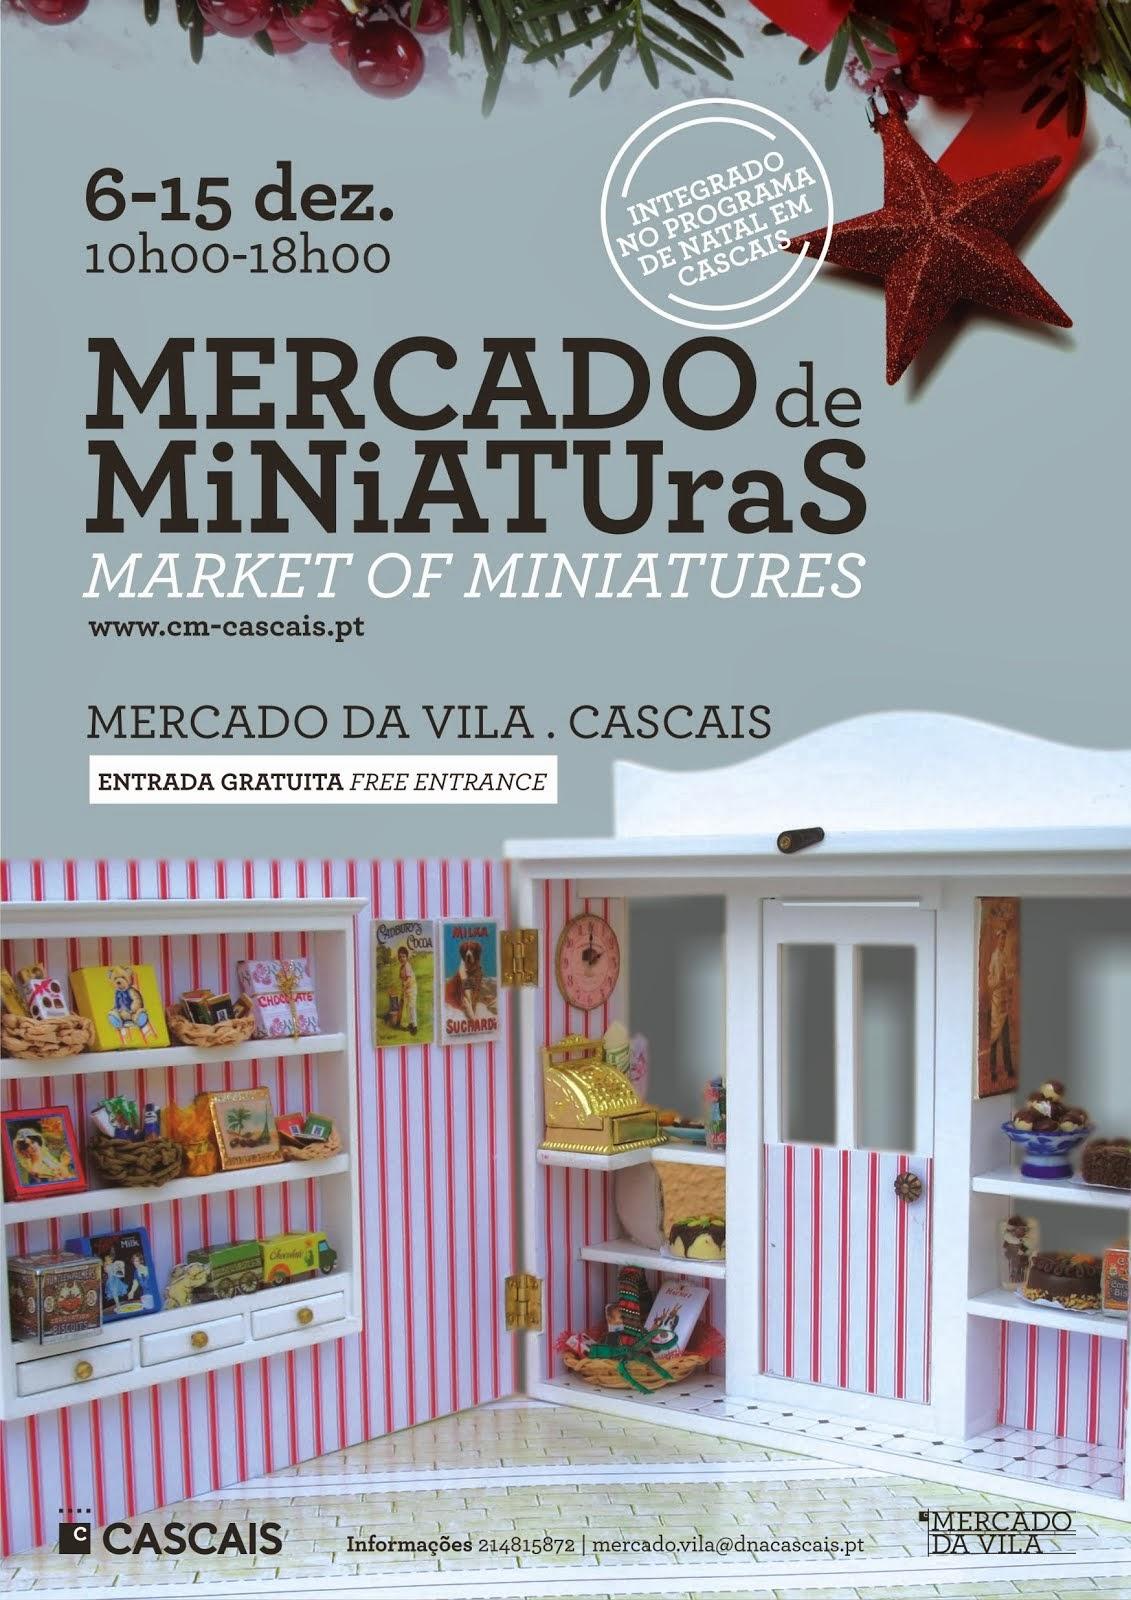 mercado de miniaturas